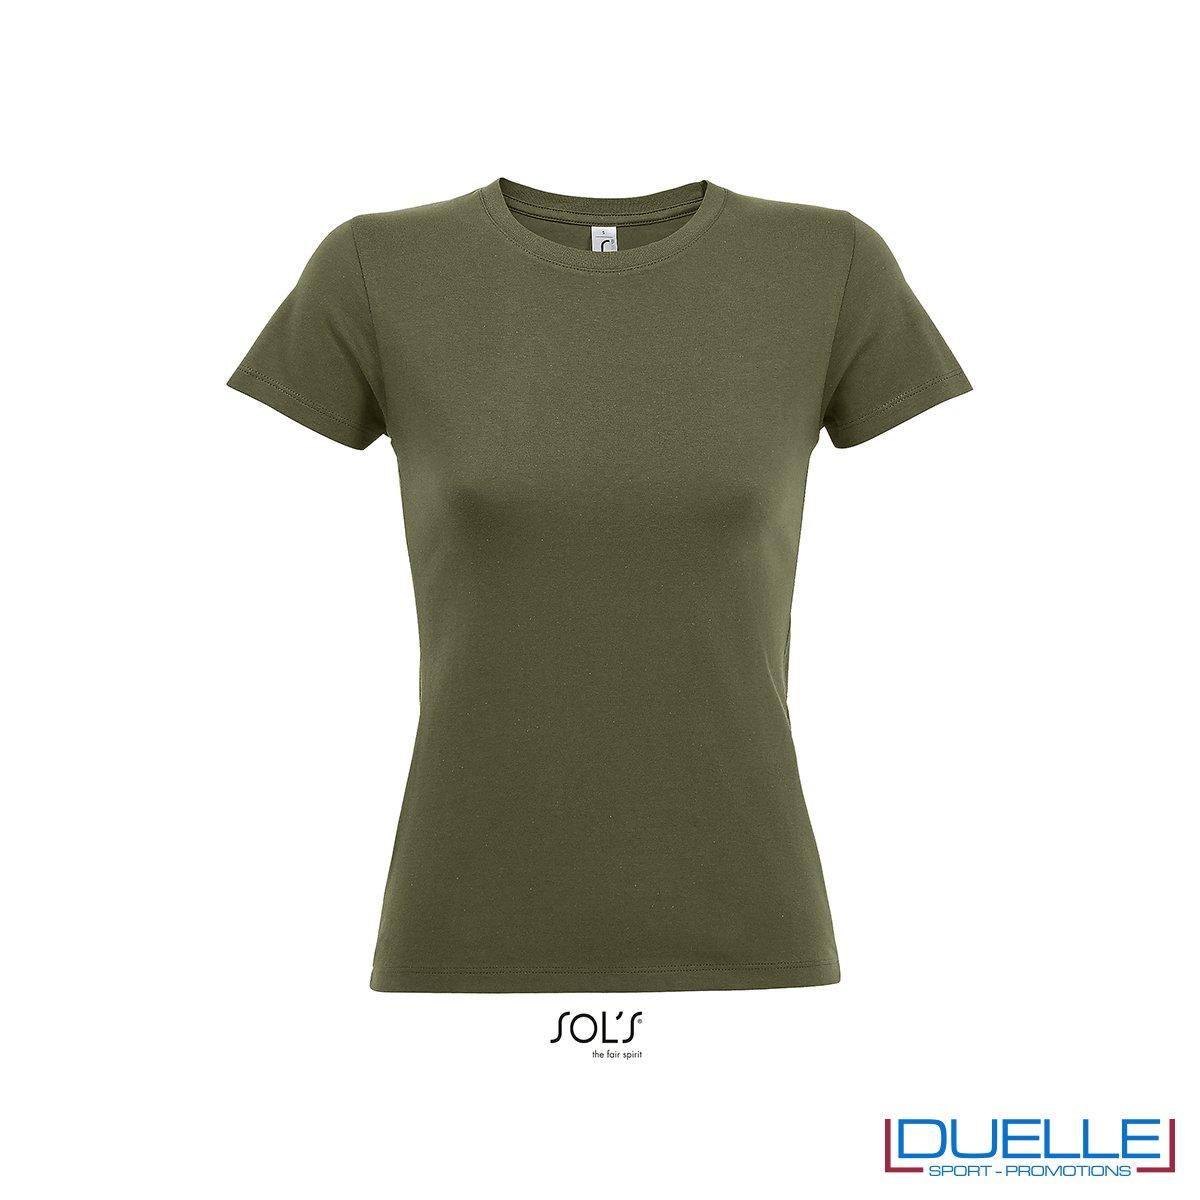 t-shirt da donna in colore verde militare personalizzate